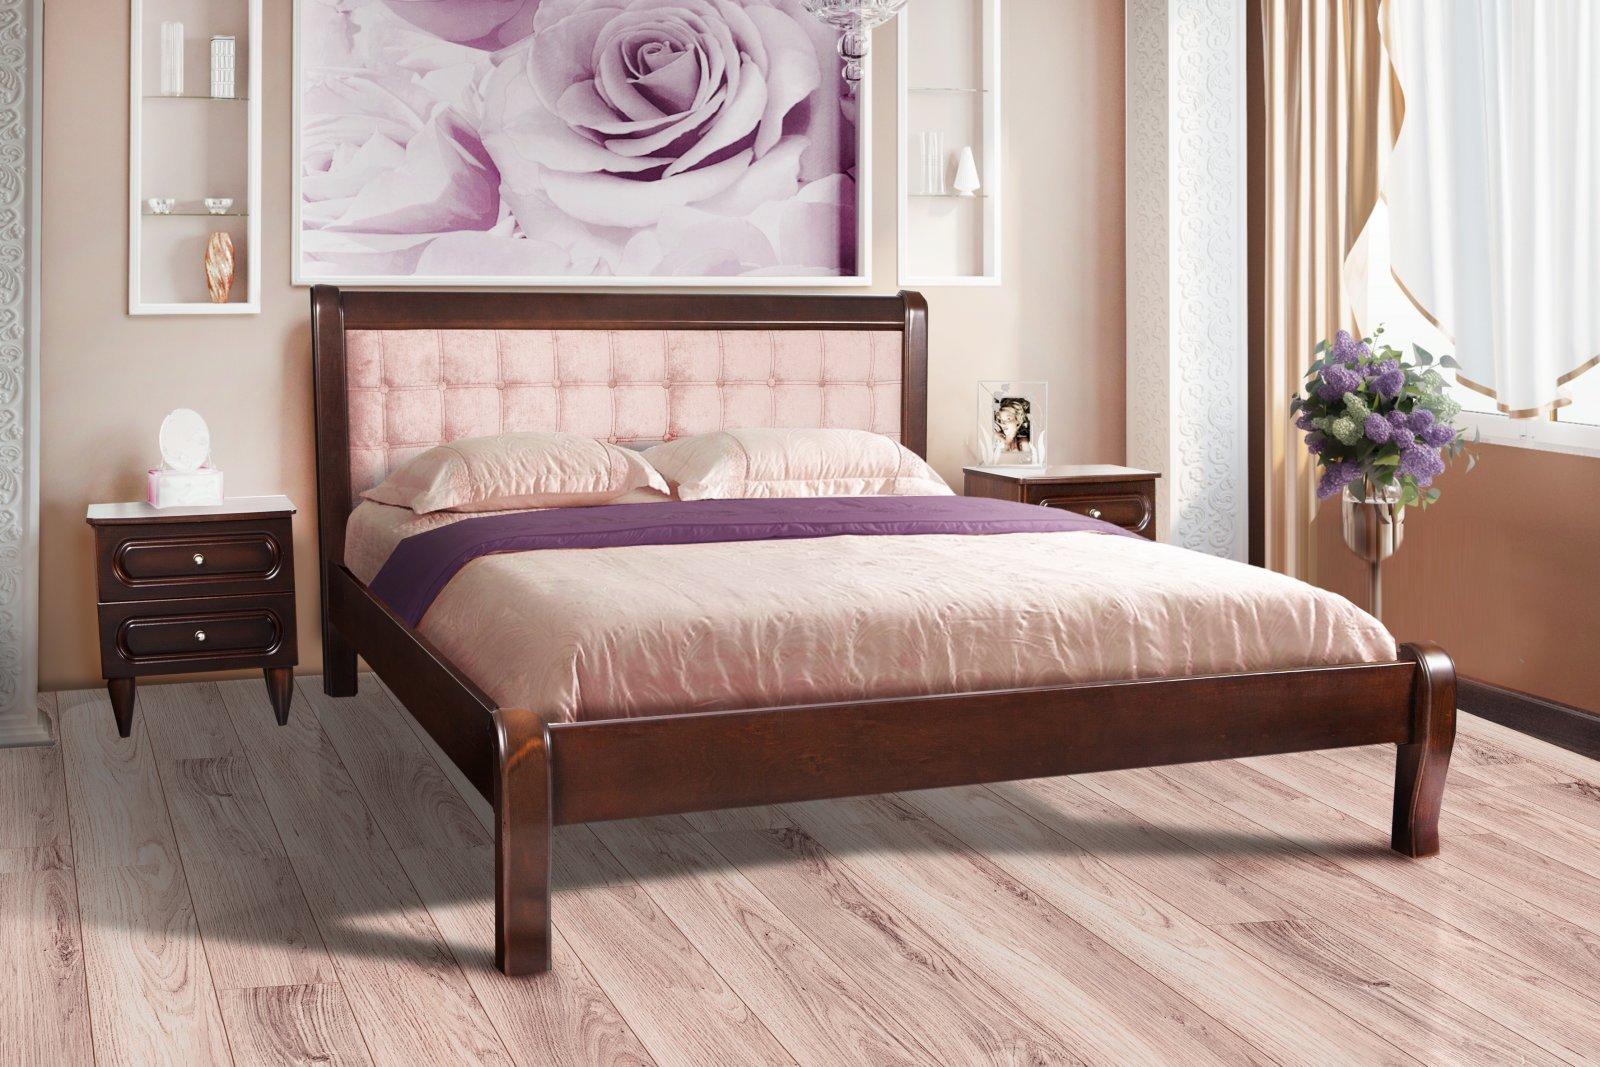 Фото - Кровать двуспальная Соната